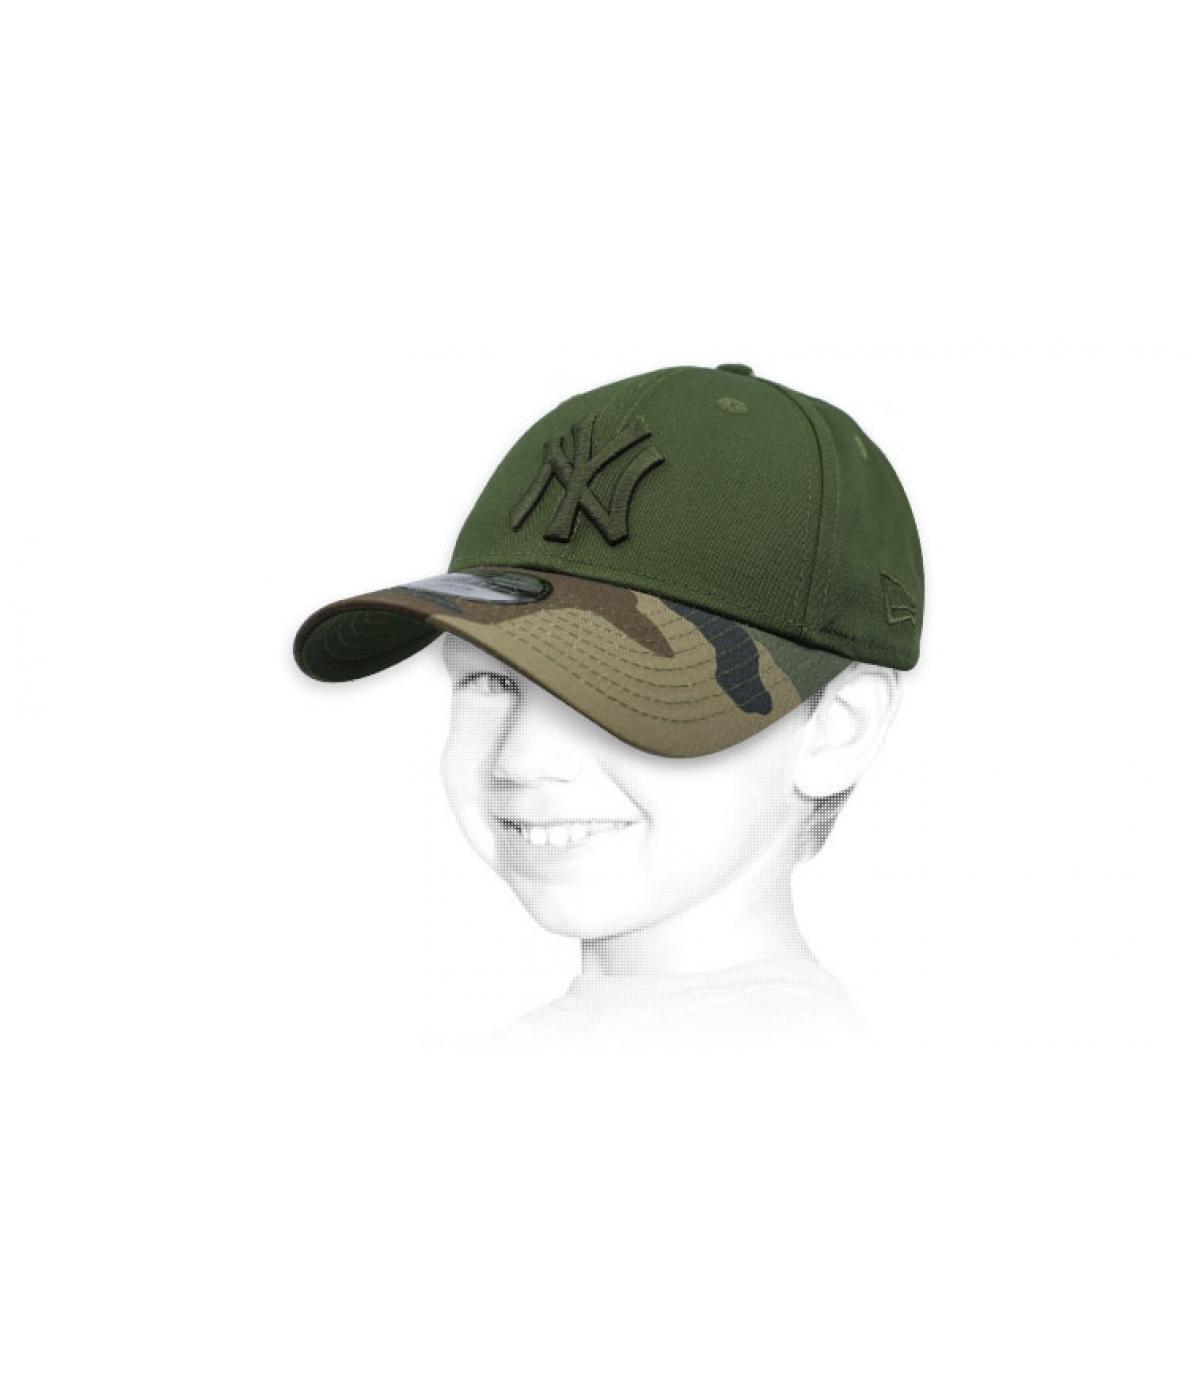 green camo kids NY cap